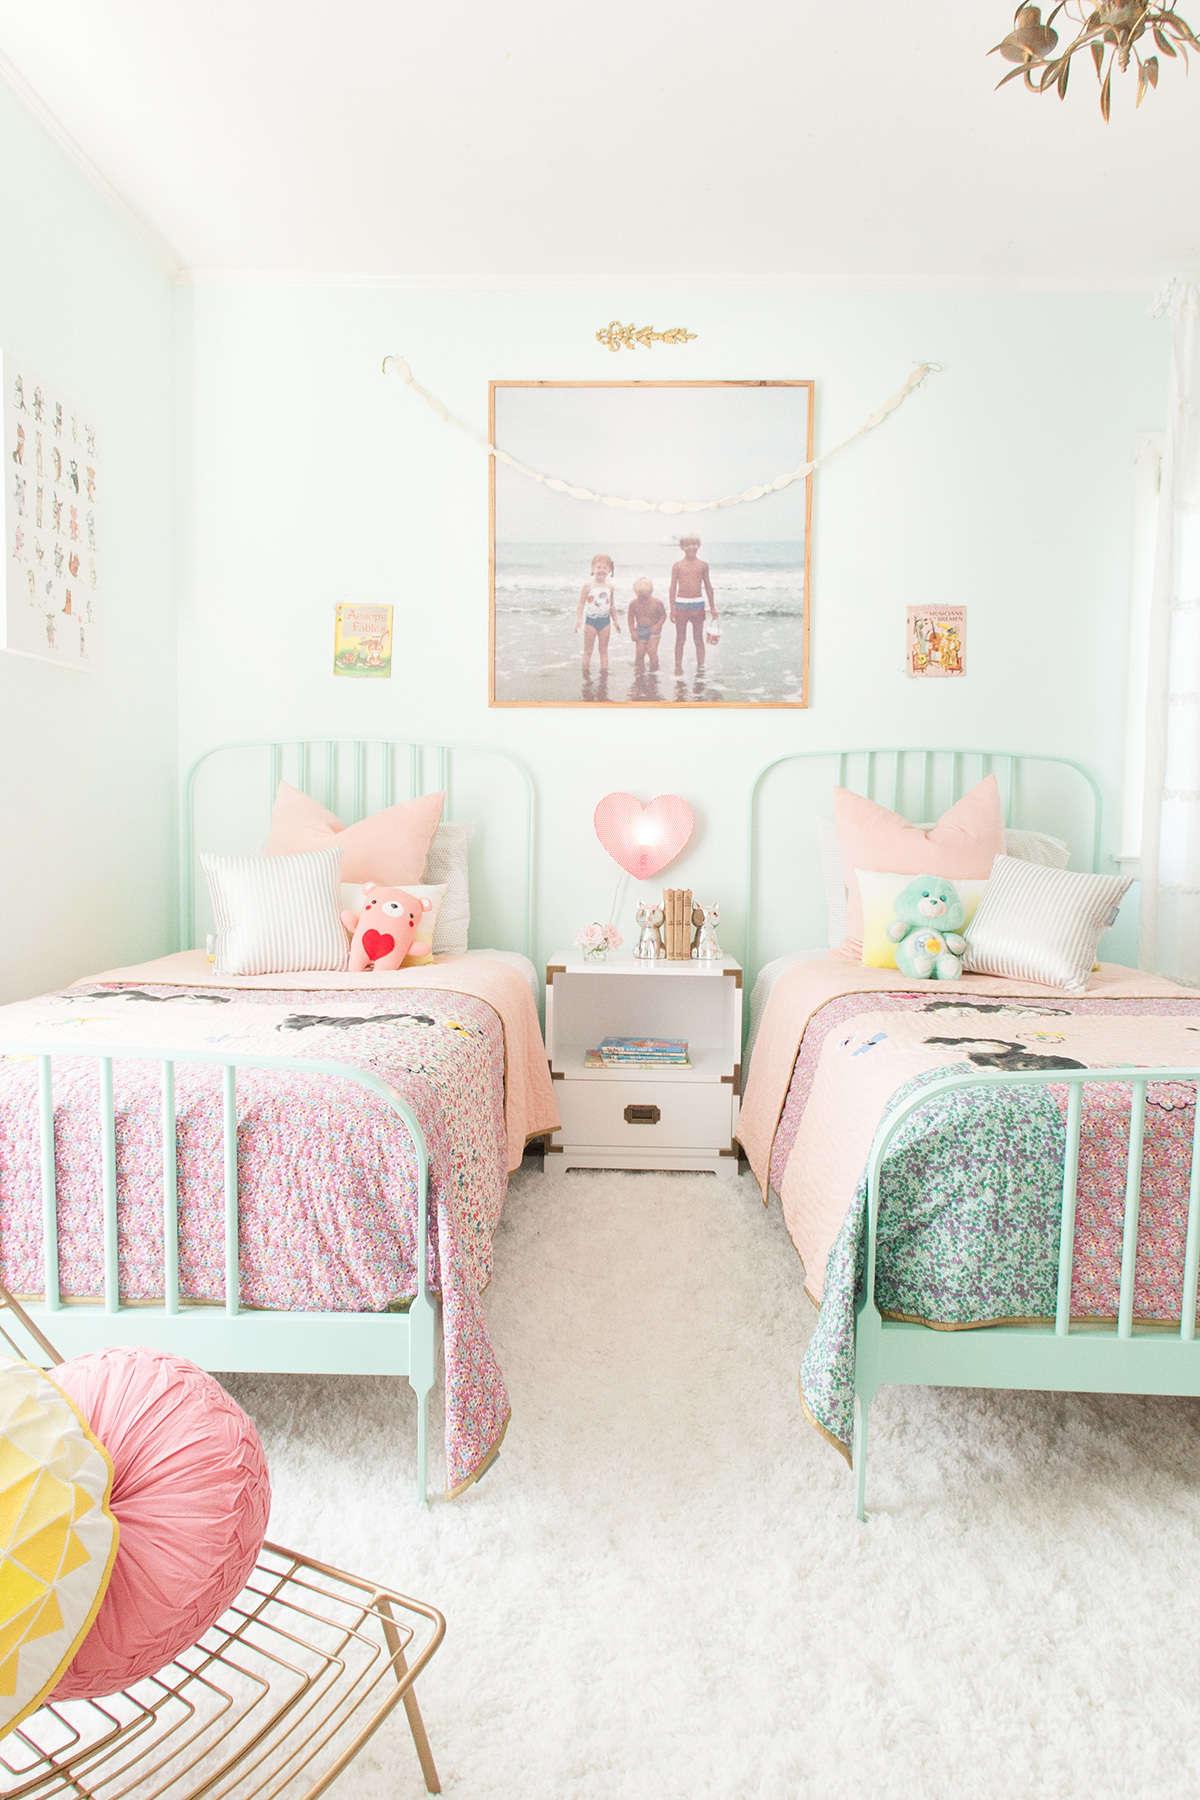 Modele Chambre Petite Fille conseils déco] comment décorer et aménager une petite